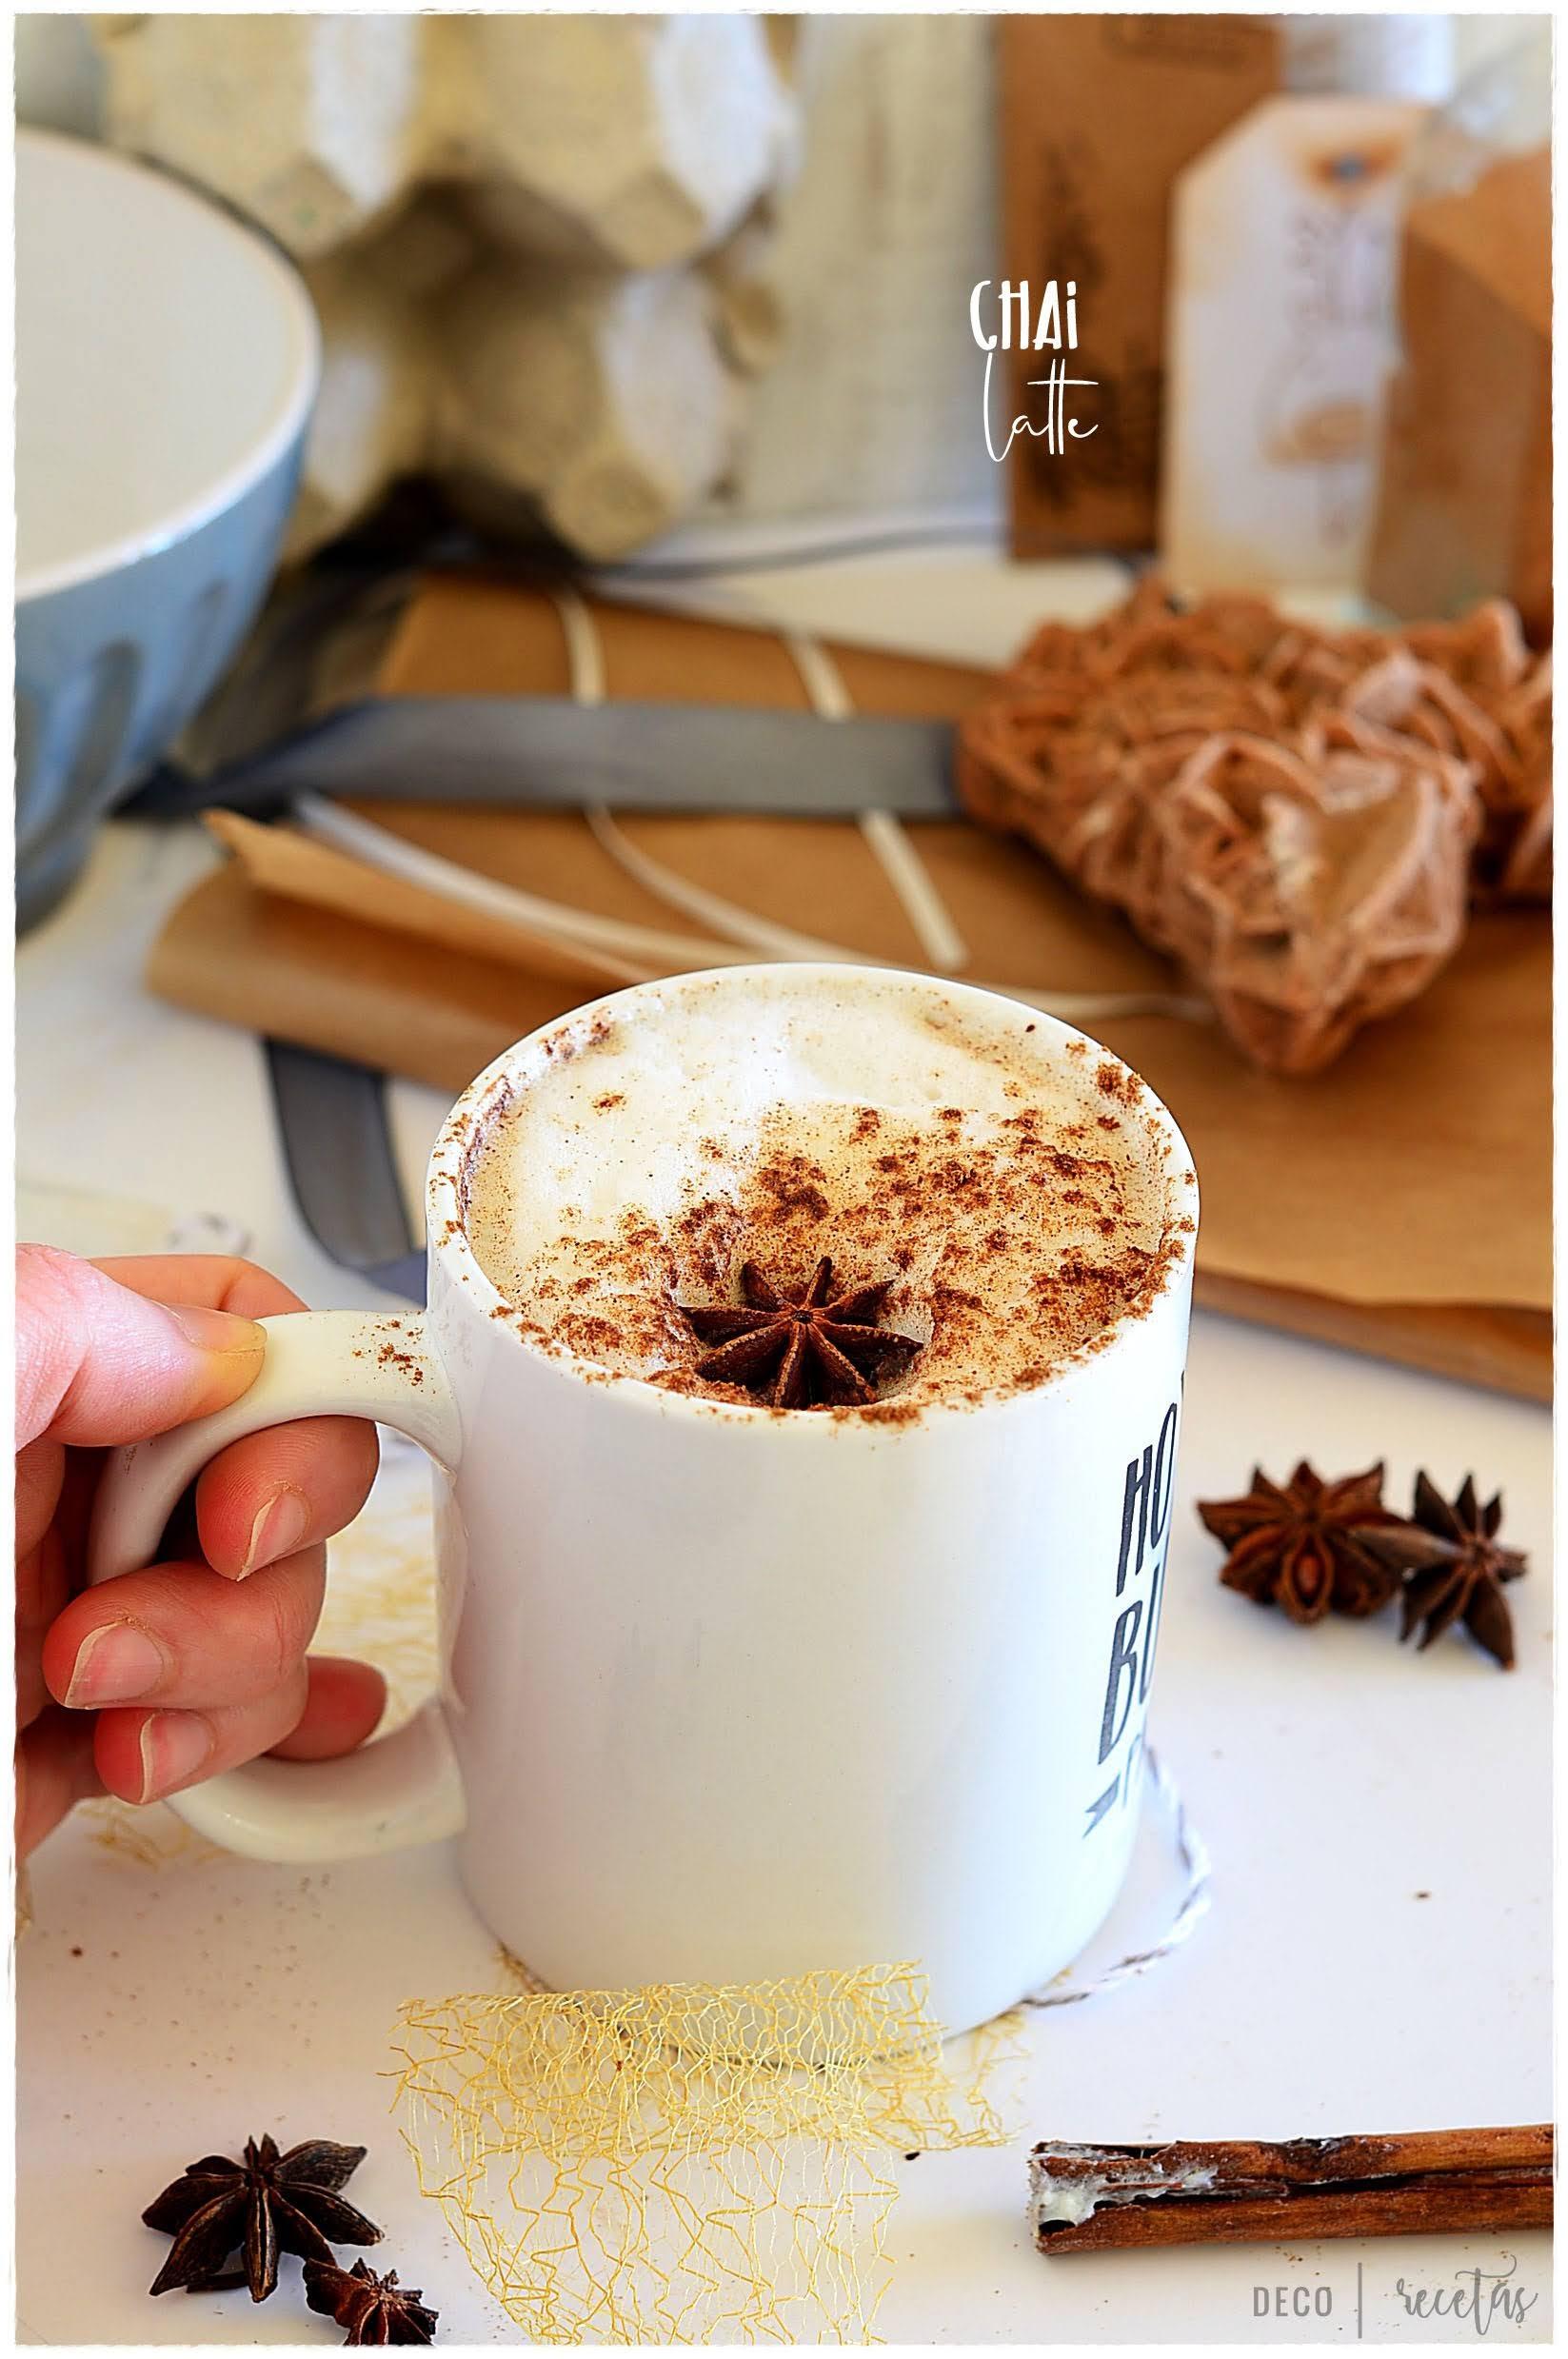 Propiedades del té chai y beneficios | Aprende de hacer tu propio té Chai en casa